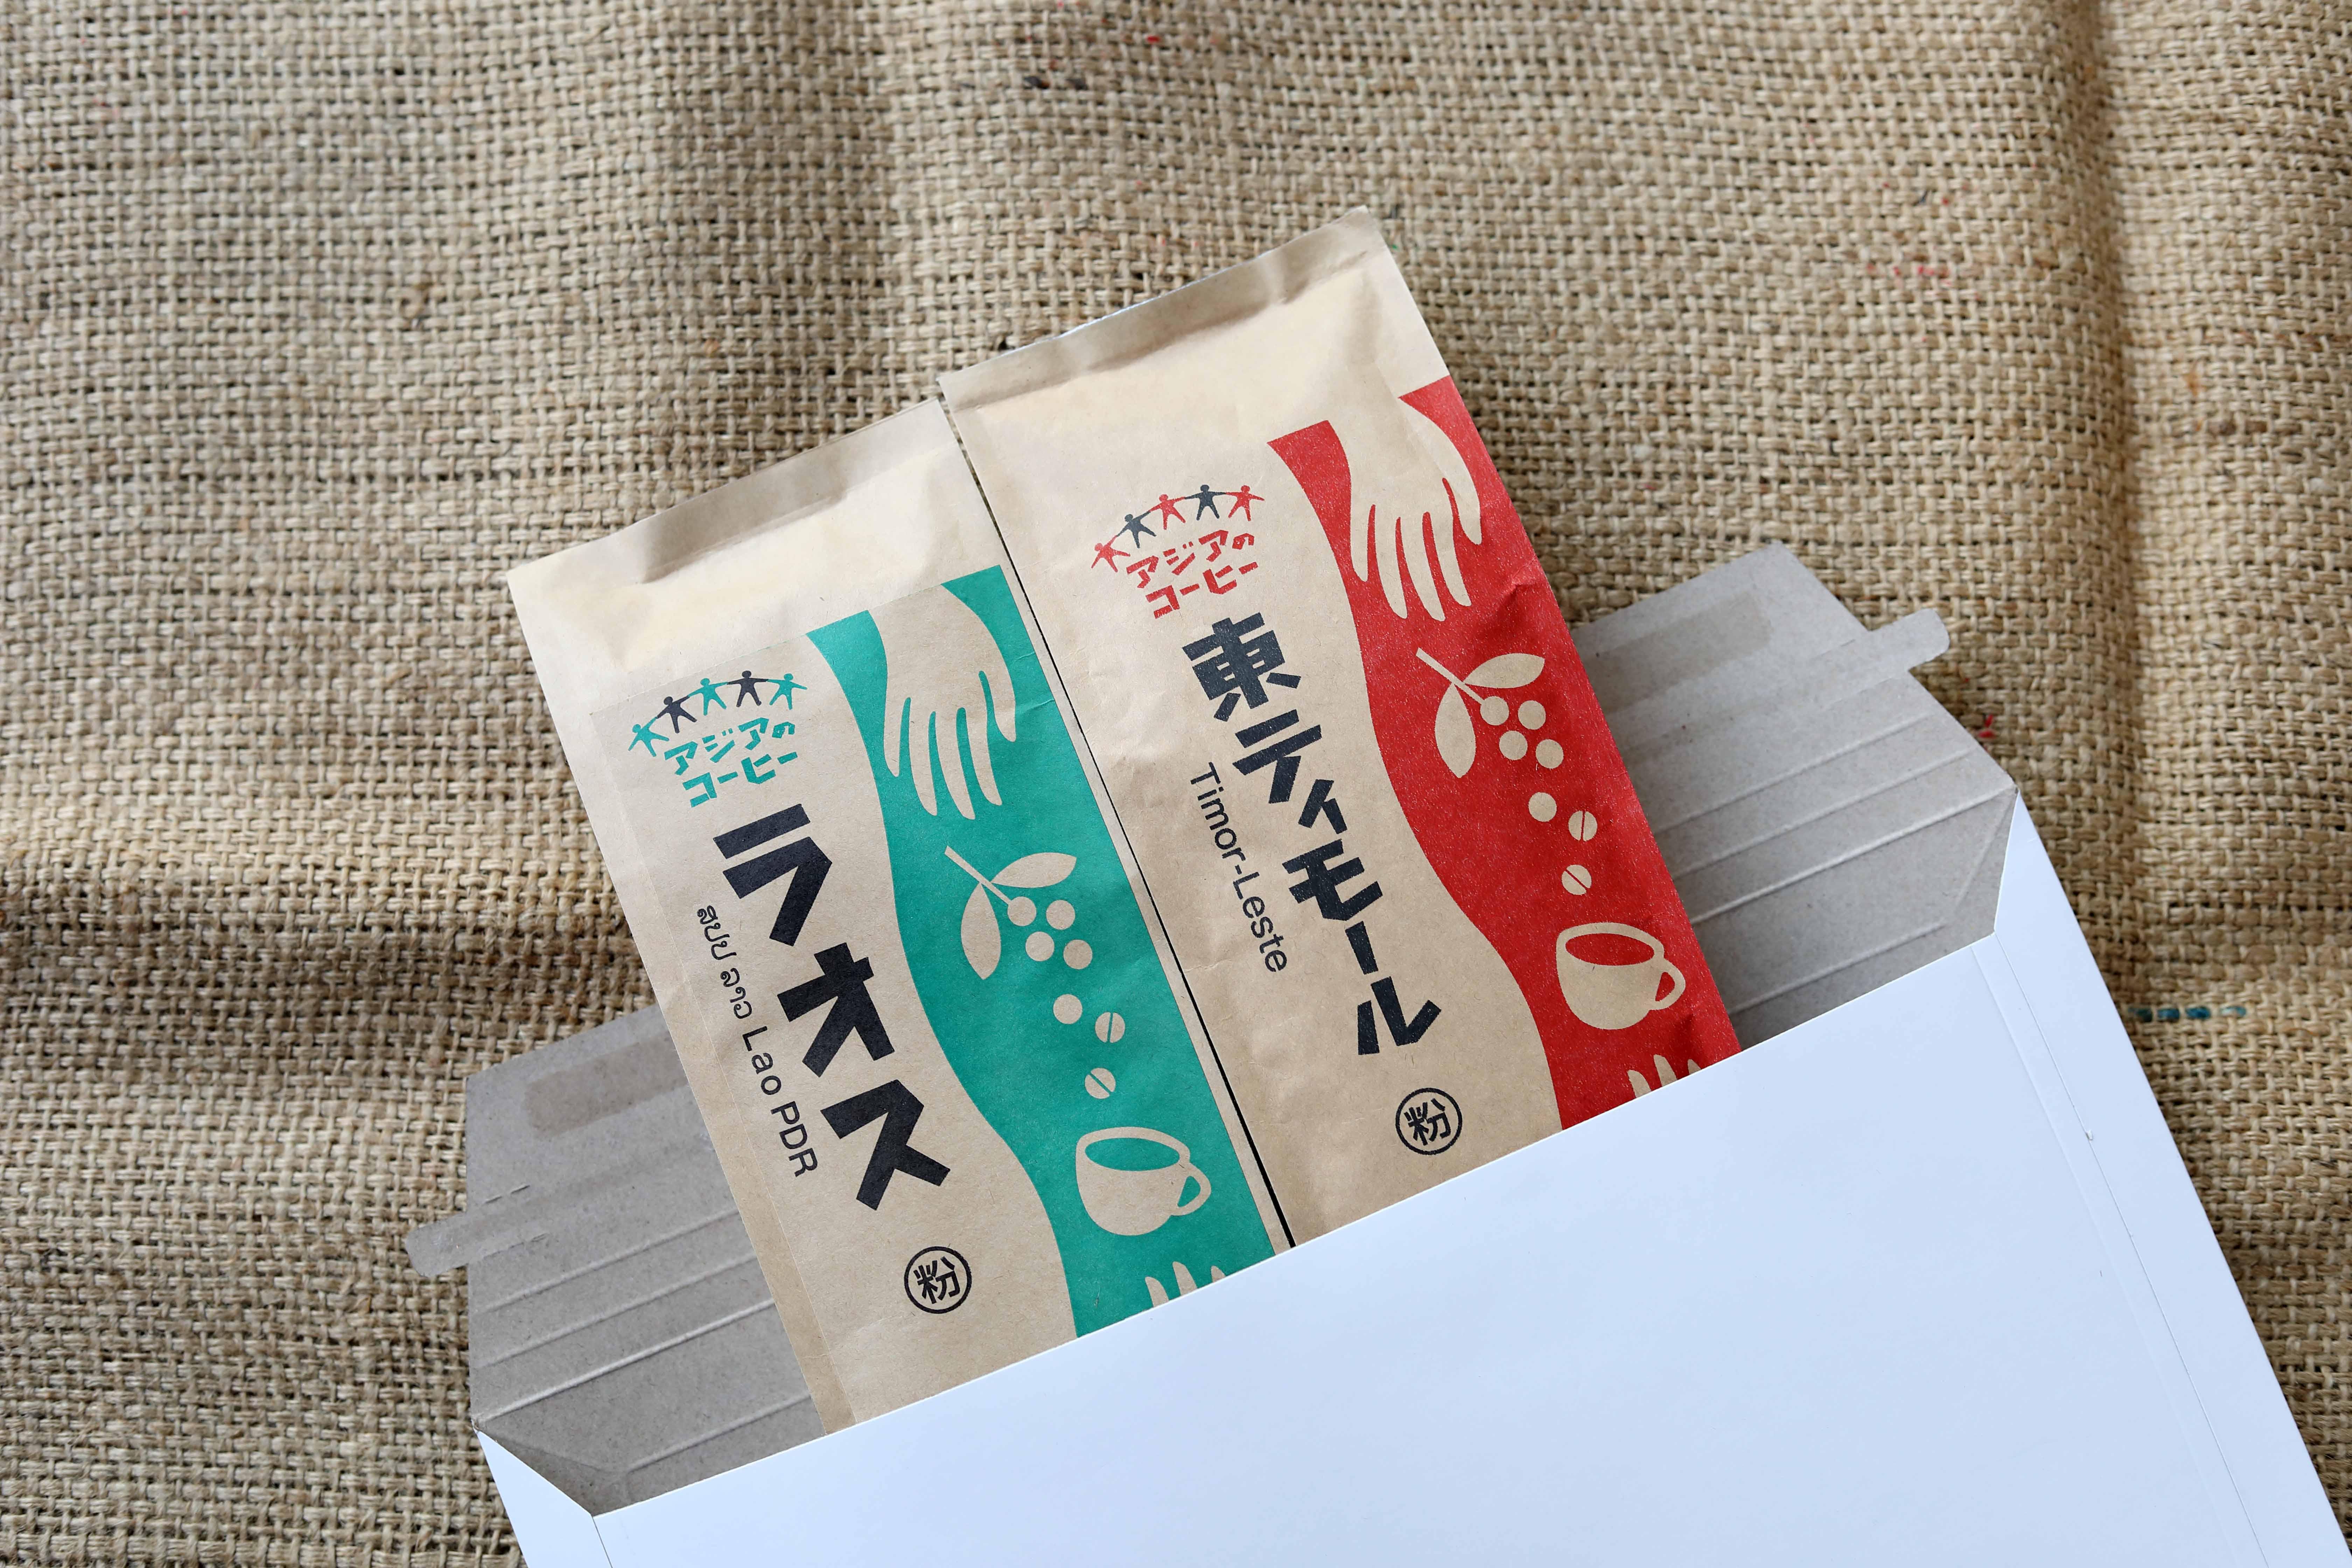 コーヒー飲みくらべセット(アジアのコーヒーセット)【送料込み】